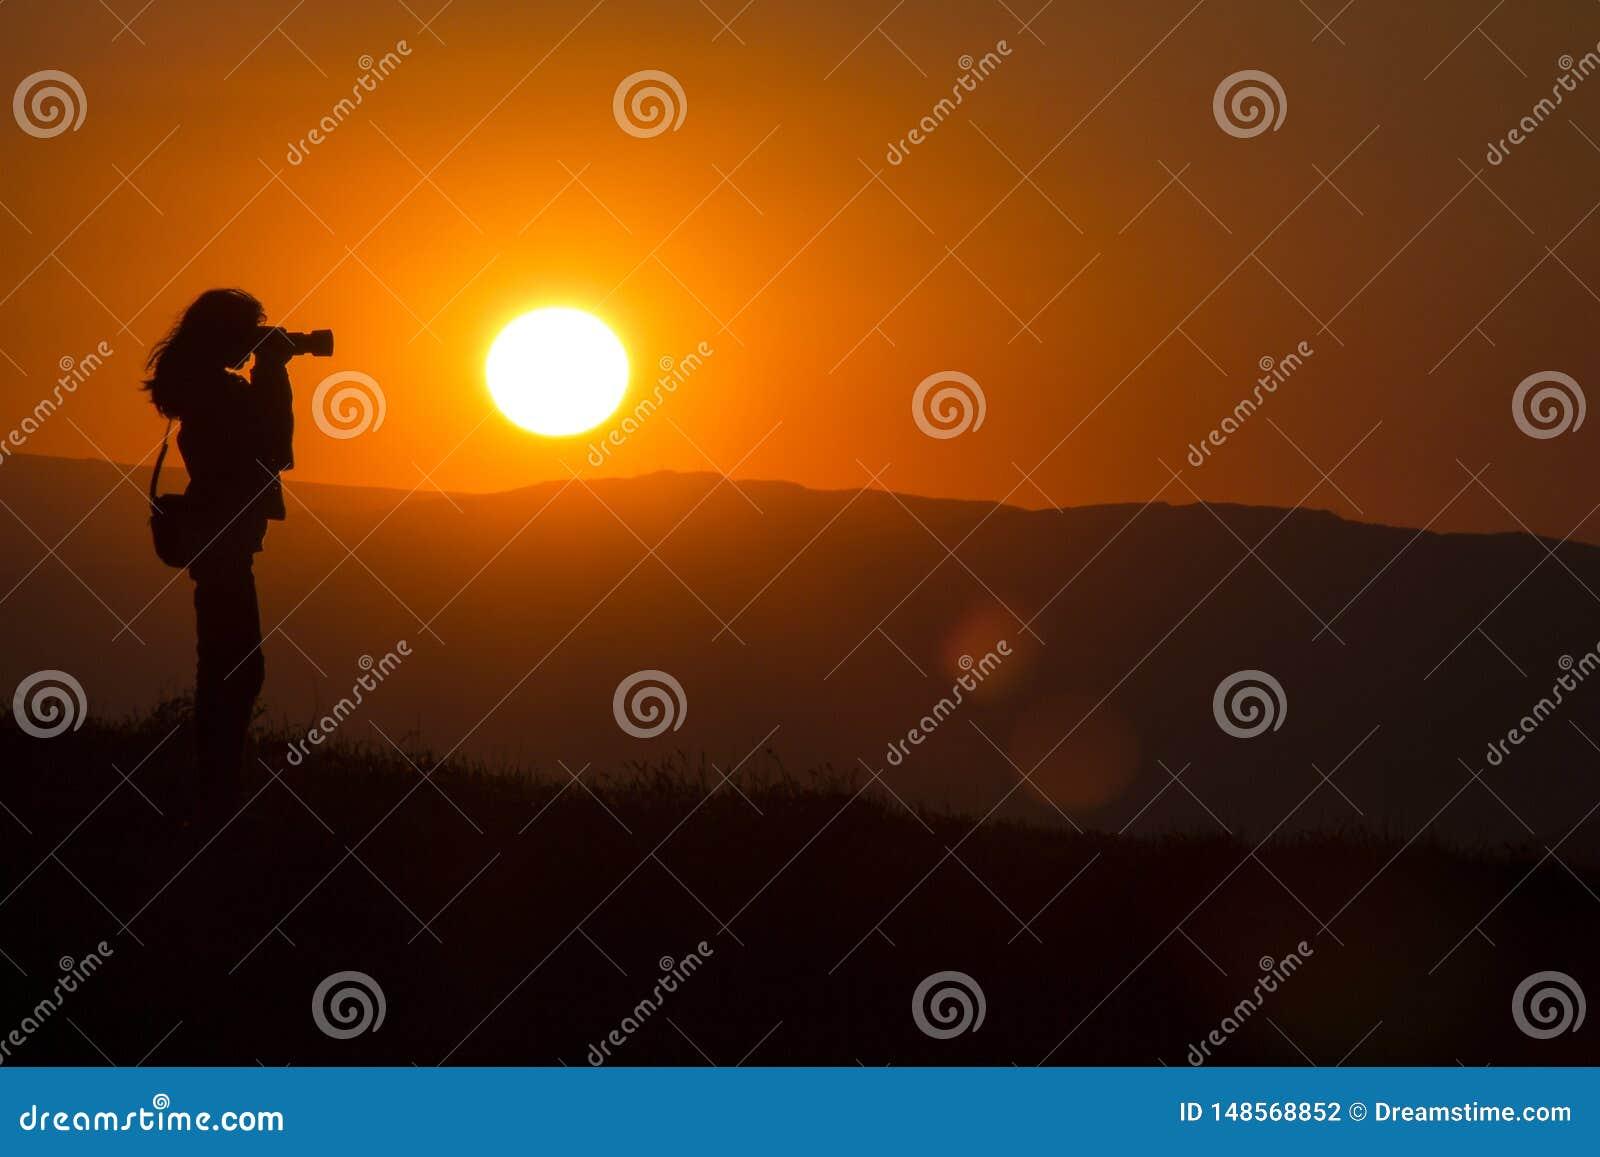 Silhouet van de fotograaf bij zonsondergang